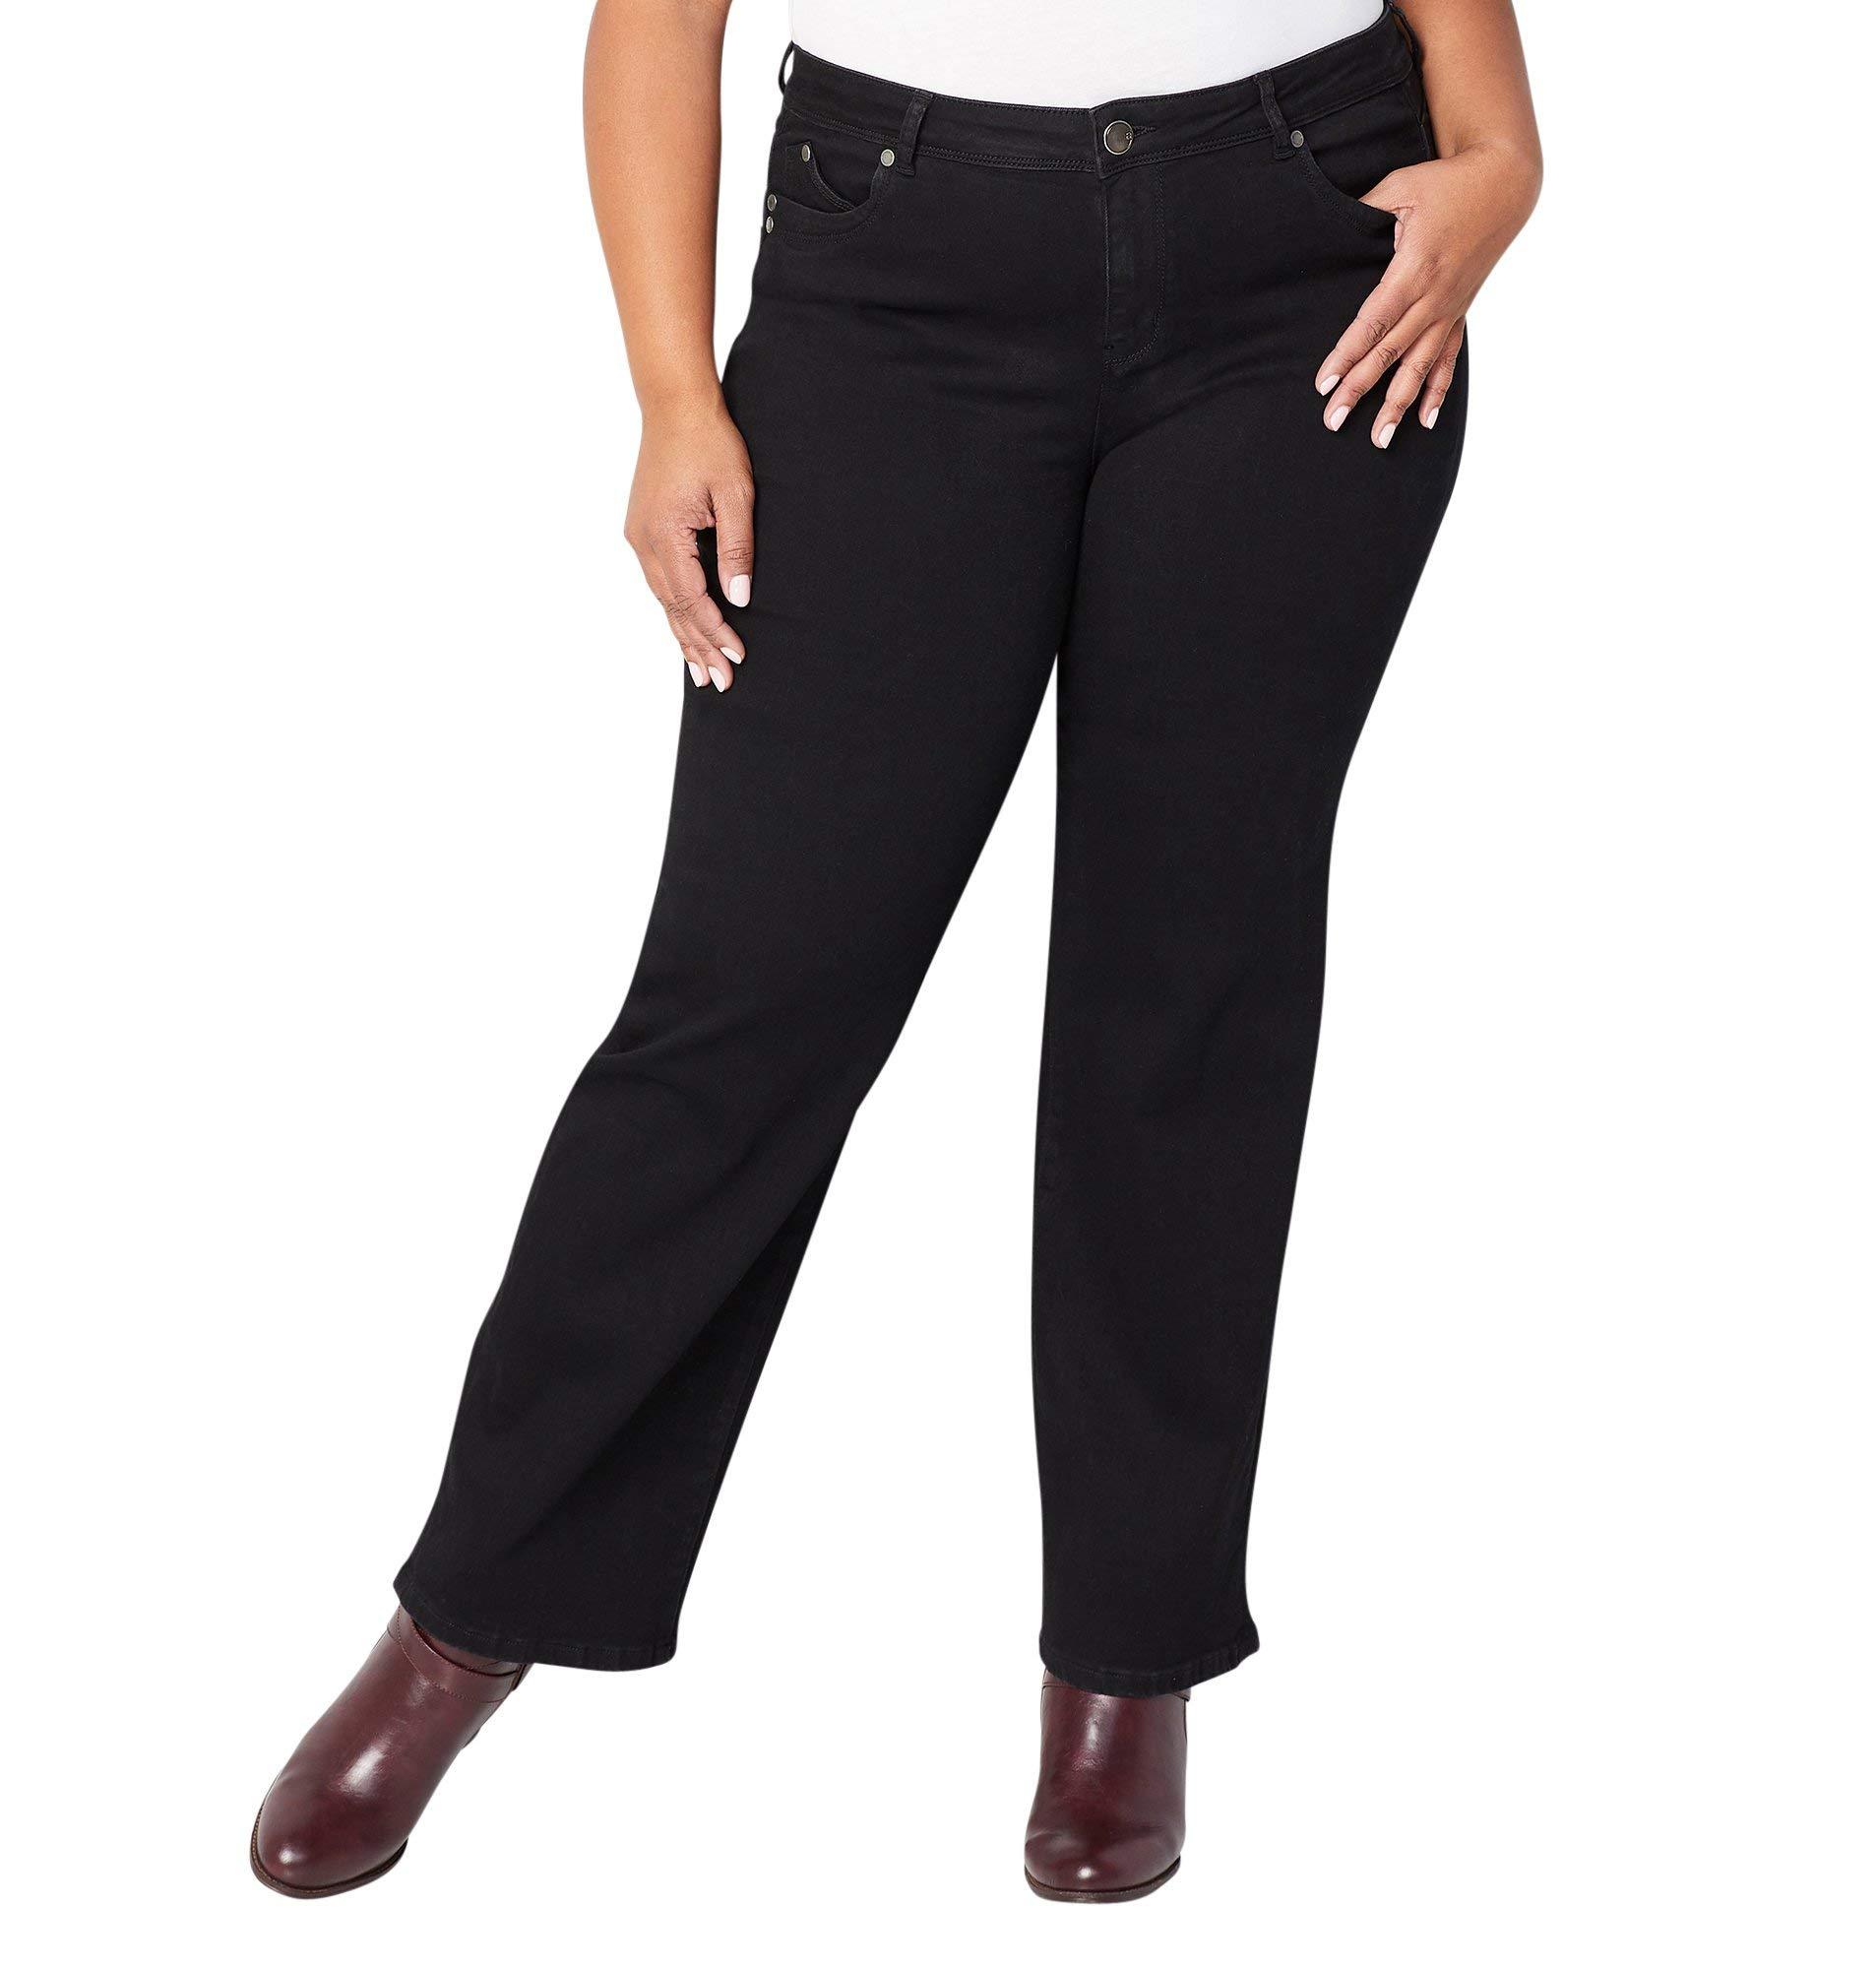 Avenue Women's Wanna Betta Butt Bootcut Jean in Black, 18 Black